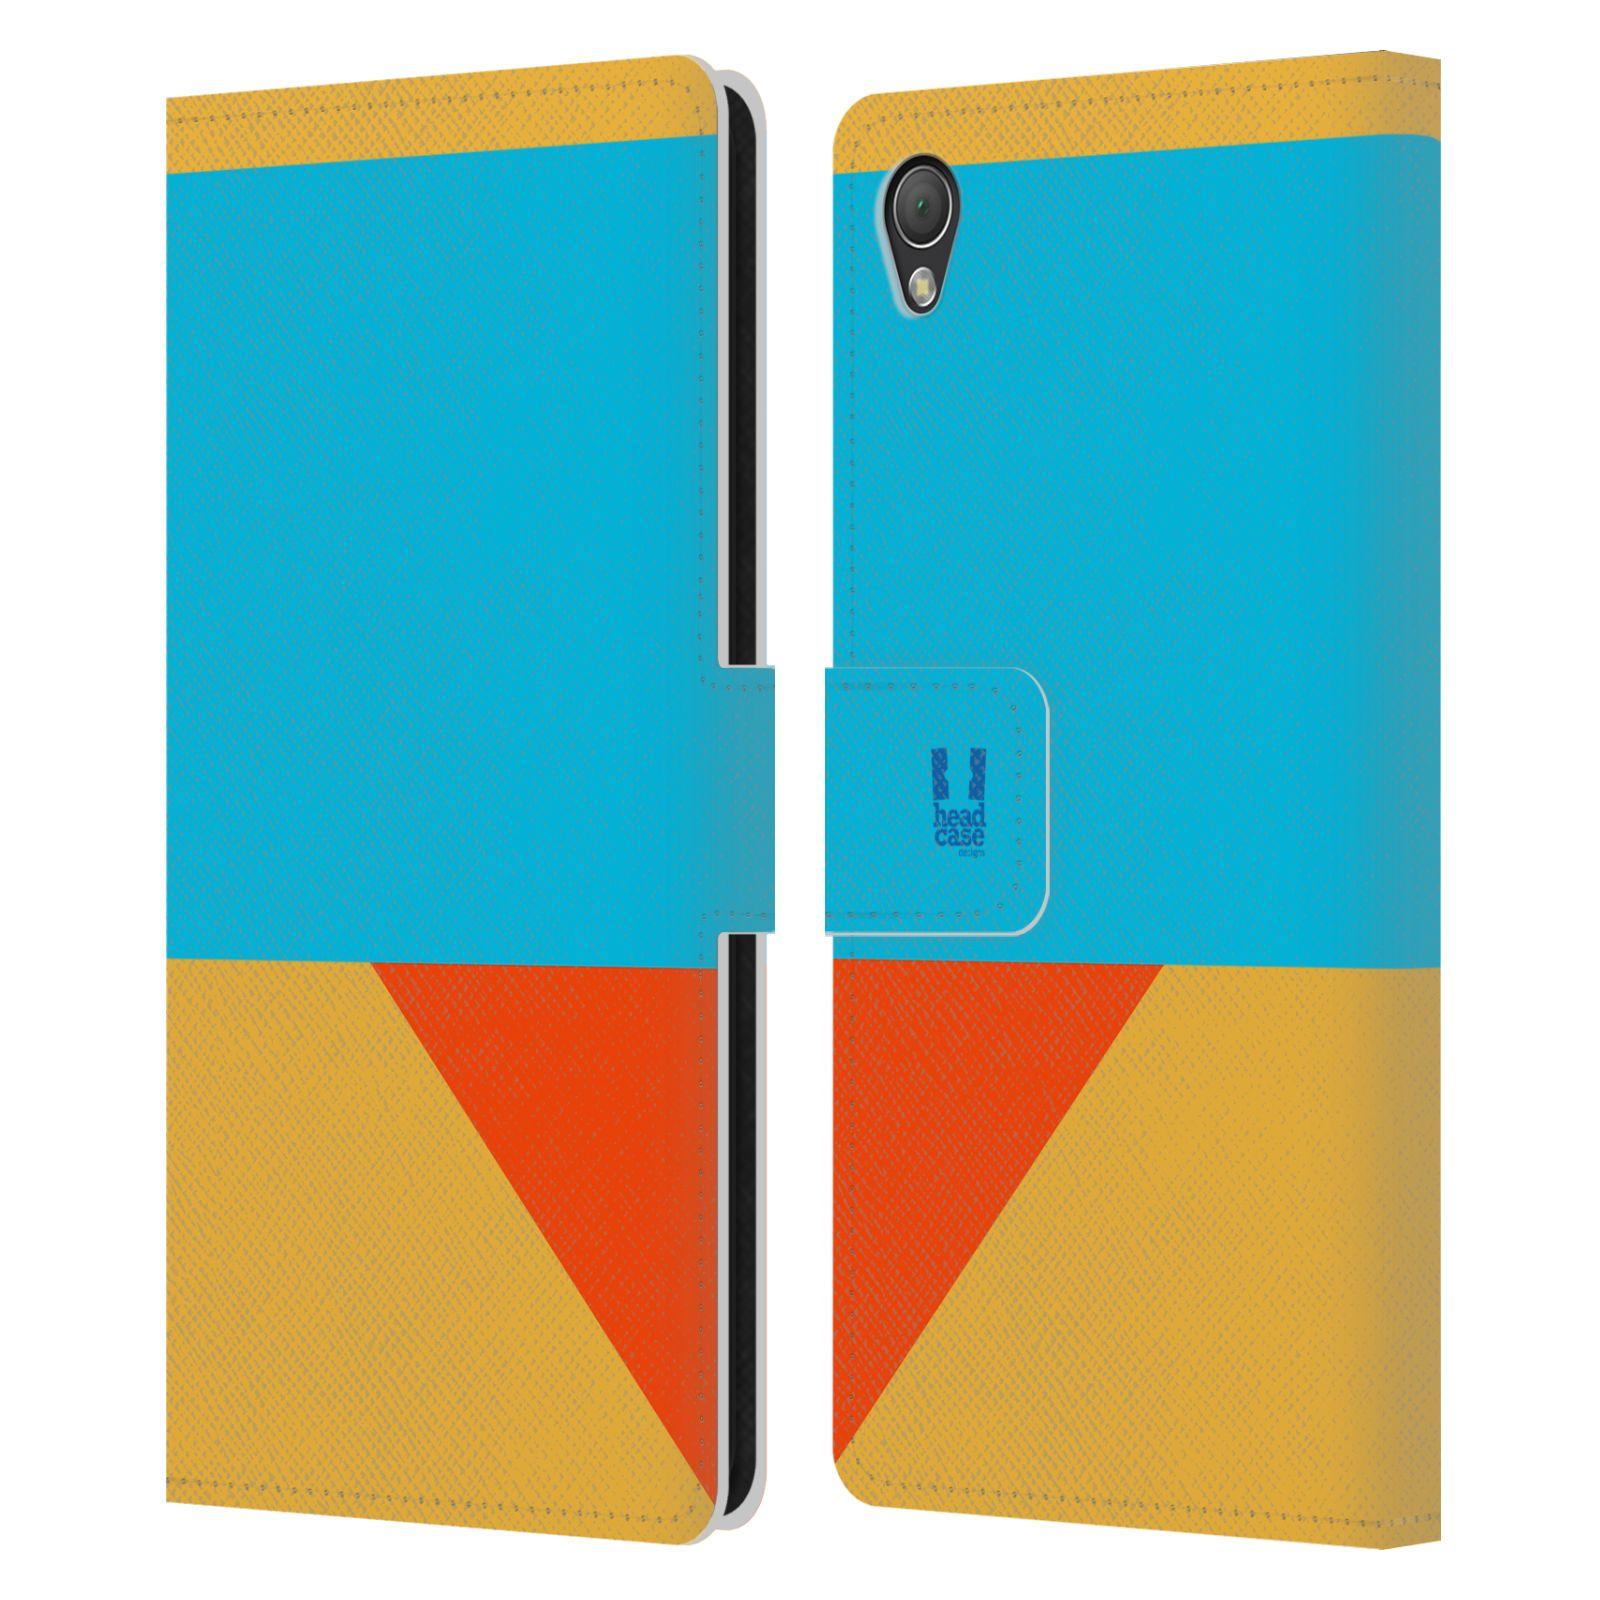 HEAD CASE Flipové pouzdro pro mobil SONY XPERIA Z3 barevné tvary béžová a modrá DAY WEAR